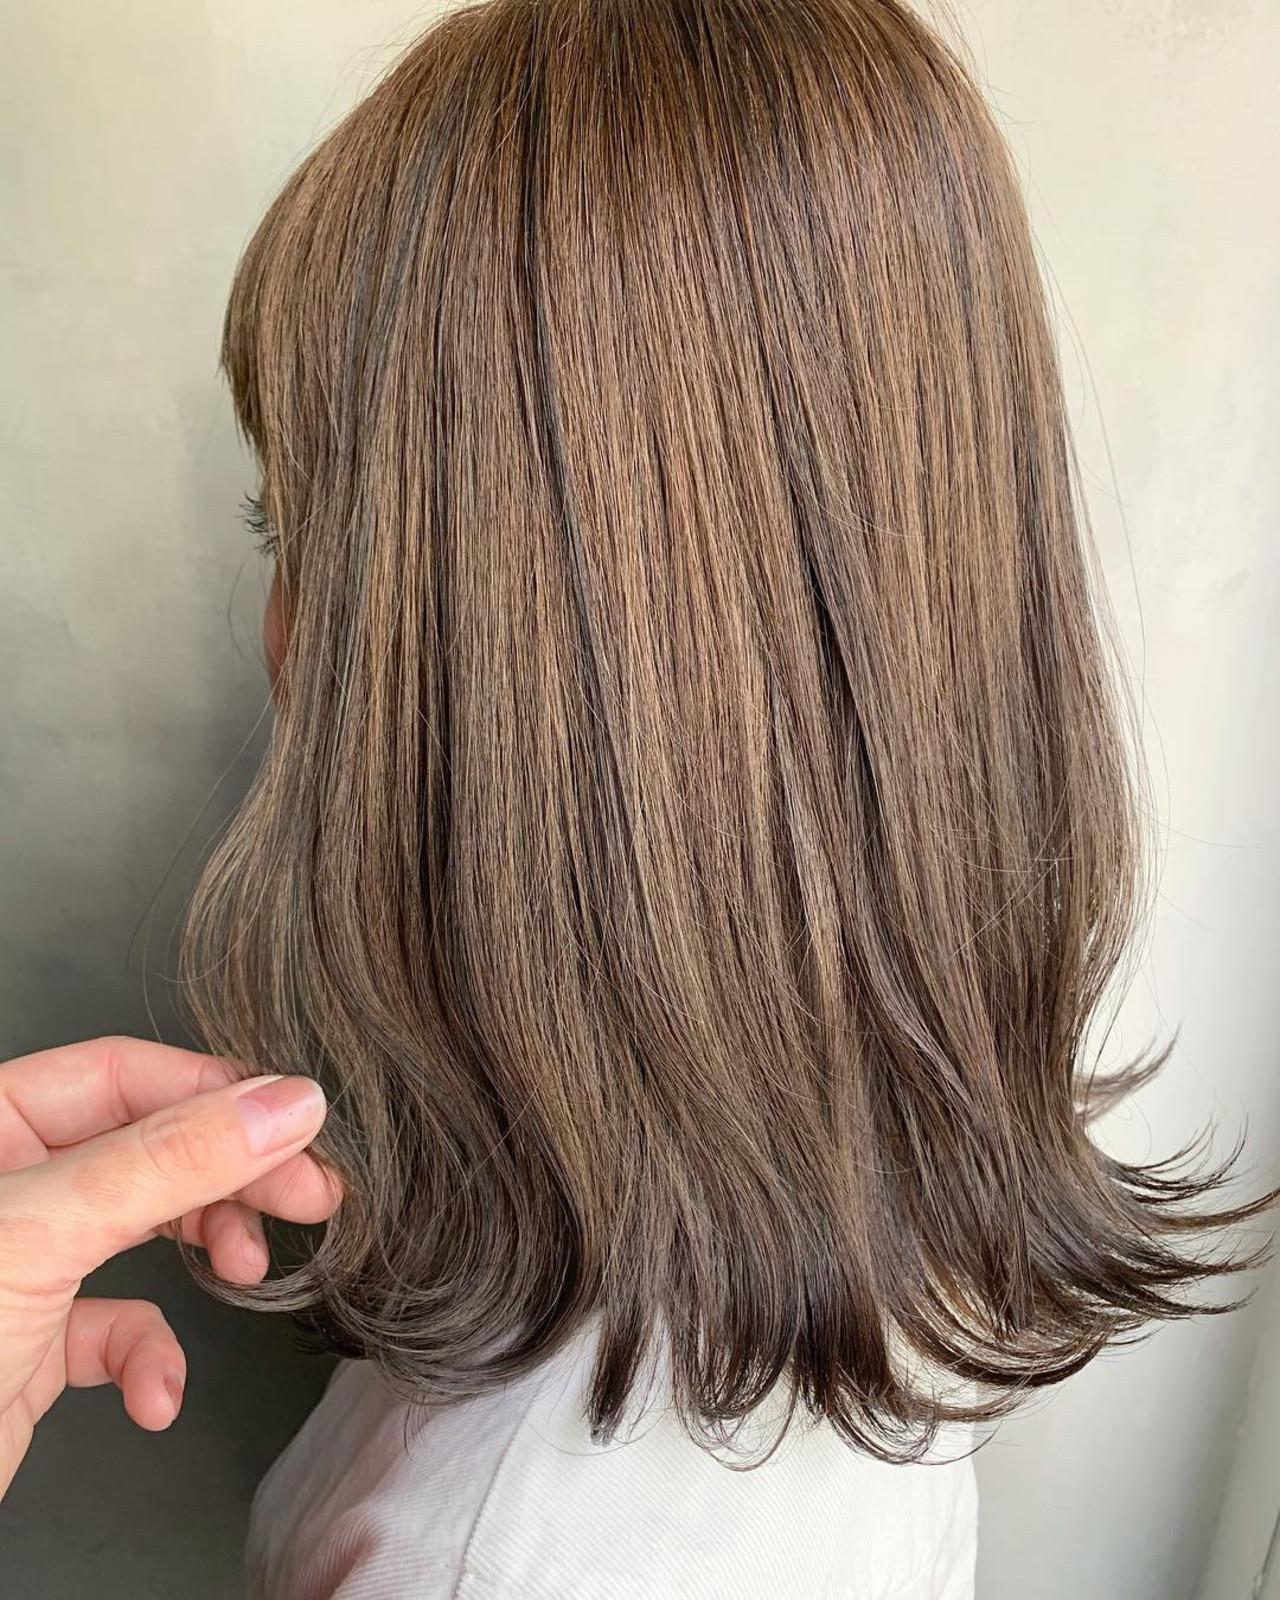 ローライト スモーキーアッシュベージュ 波ウェーブ アッシュベージュ ヘアスタイルや髪型の写真・画像 | MORNING.miya/@1031miya / HAIR MORNING.